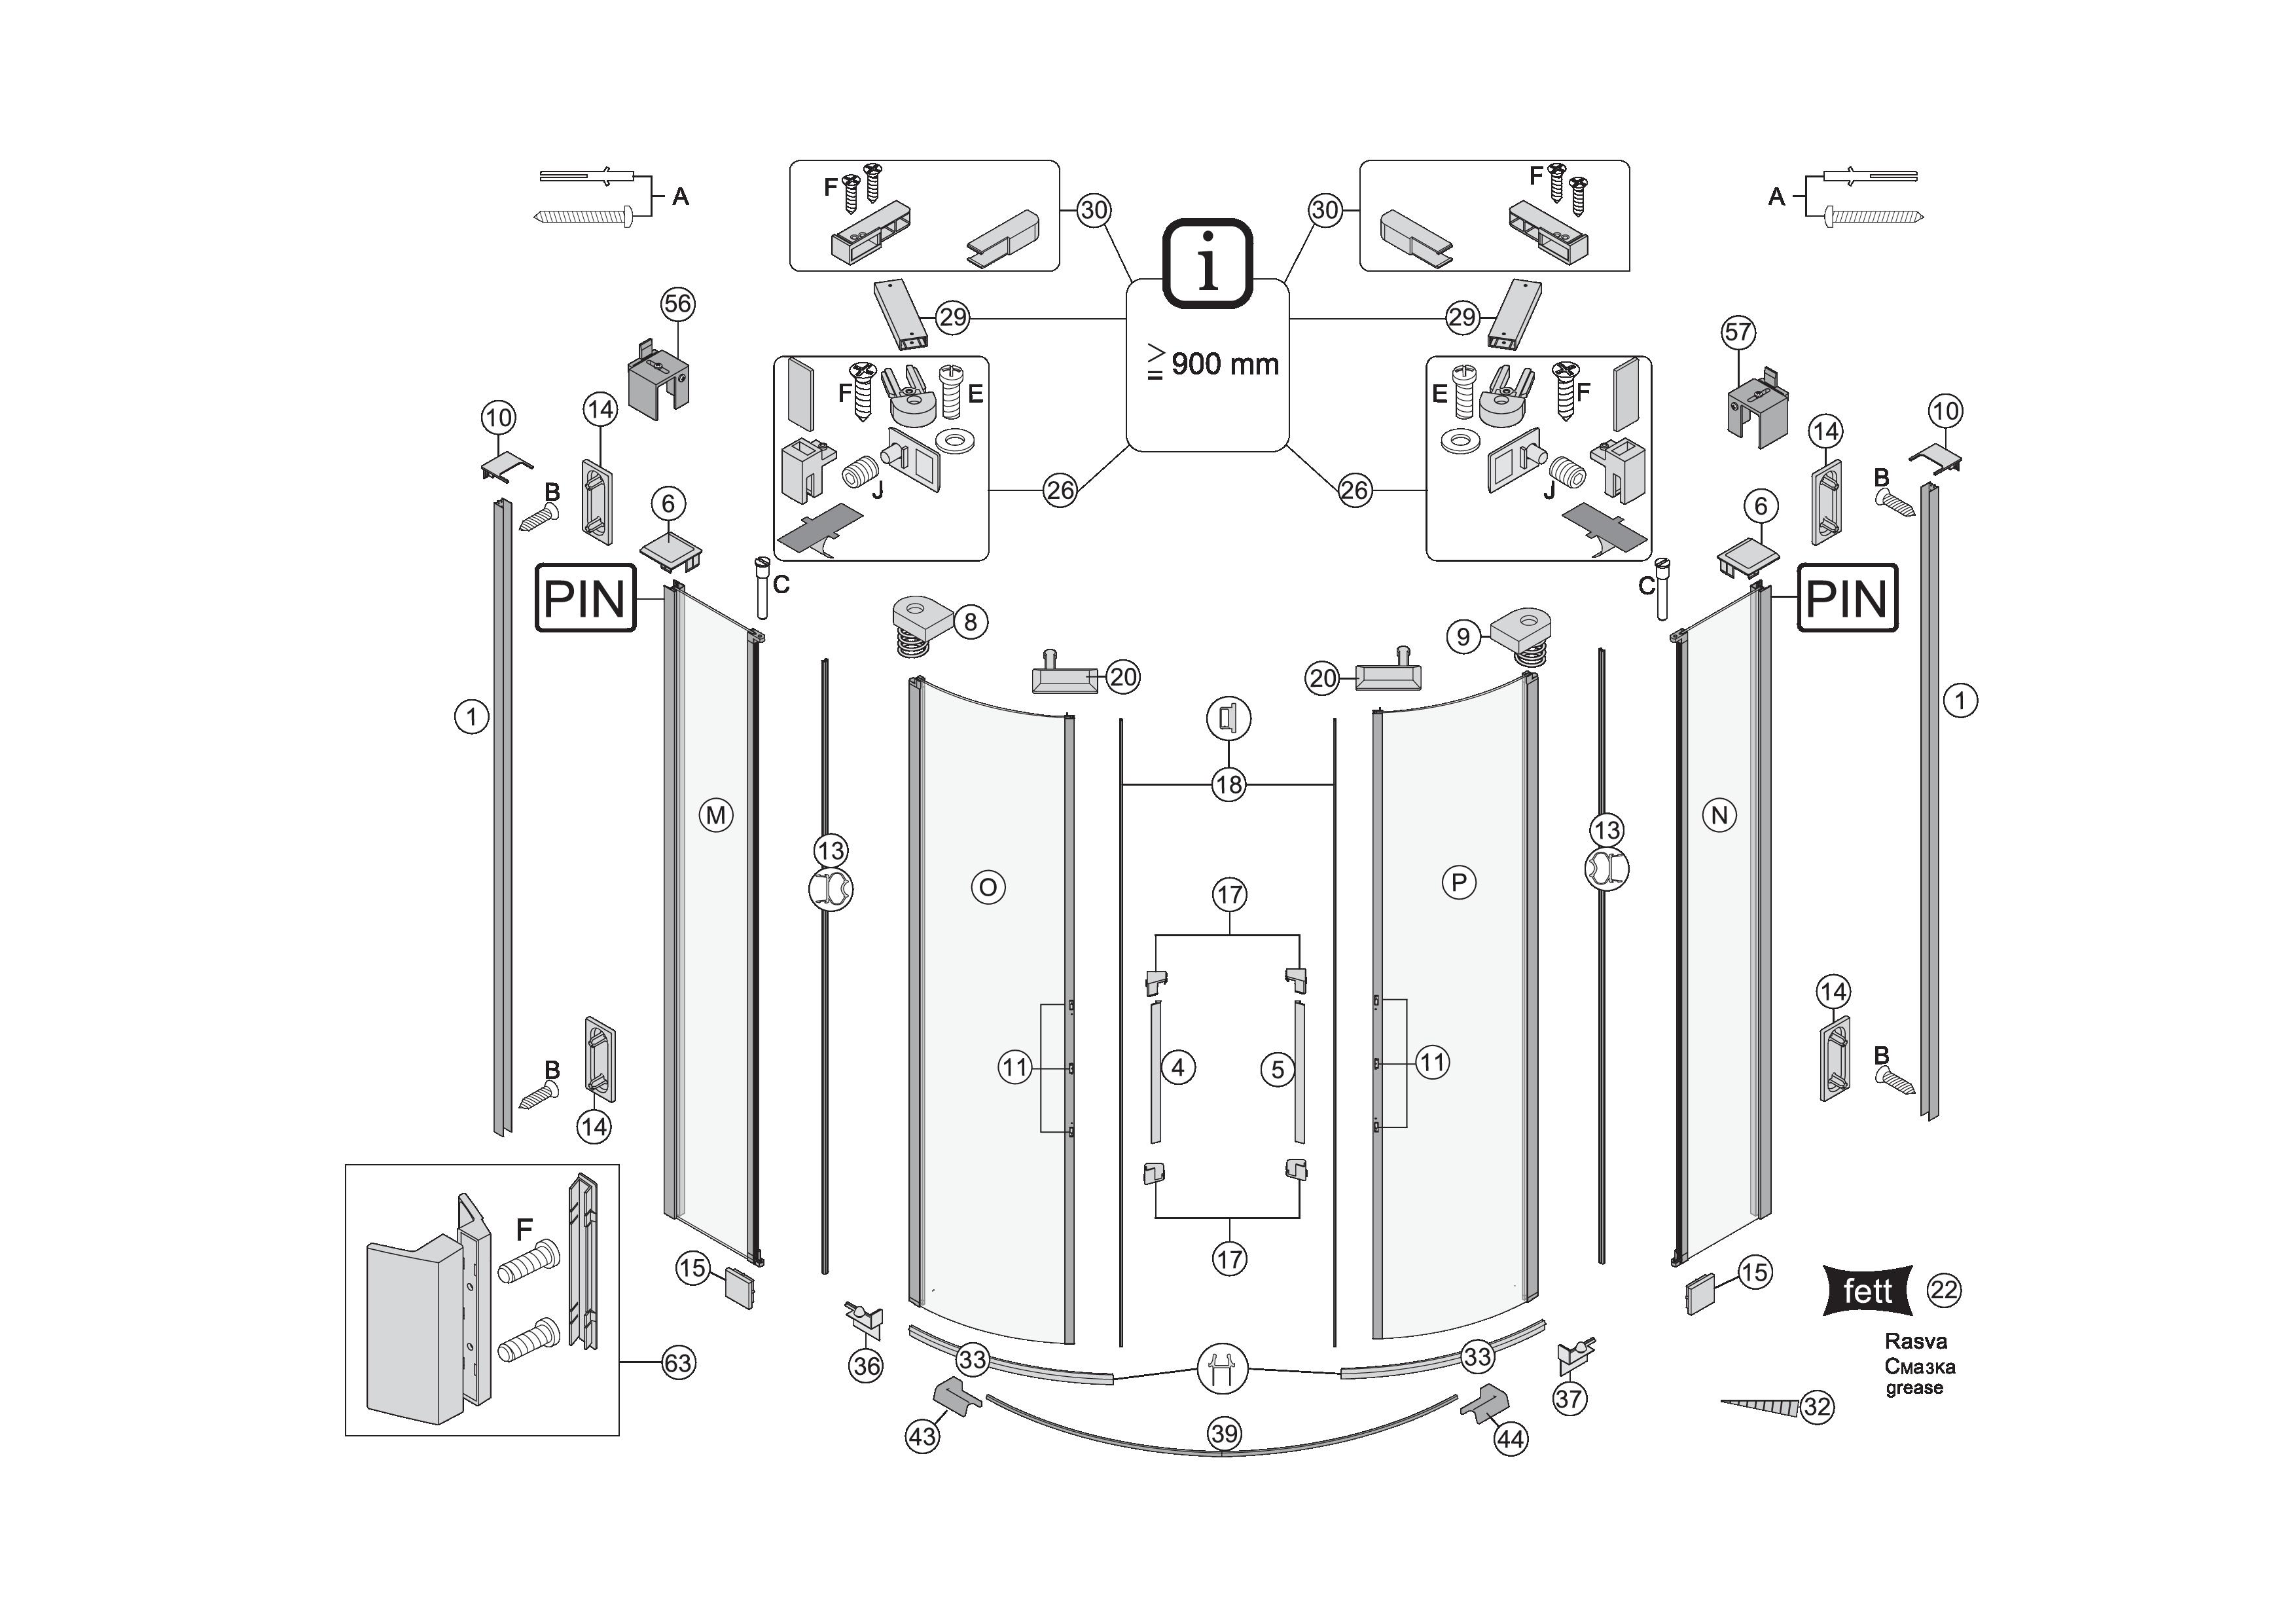 ersatzteile f r s400 eckdusche mit festelementen und pendelt ren bekon koralle ag. Black Bedroom Furniture Sets. Home Design Ideas